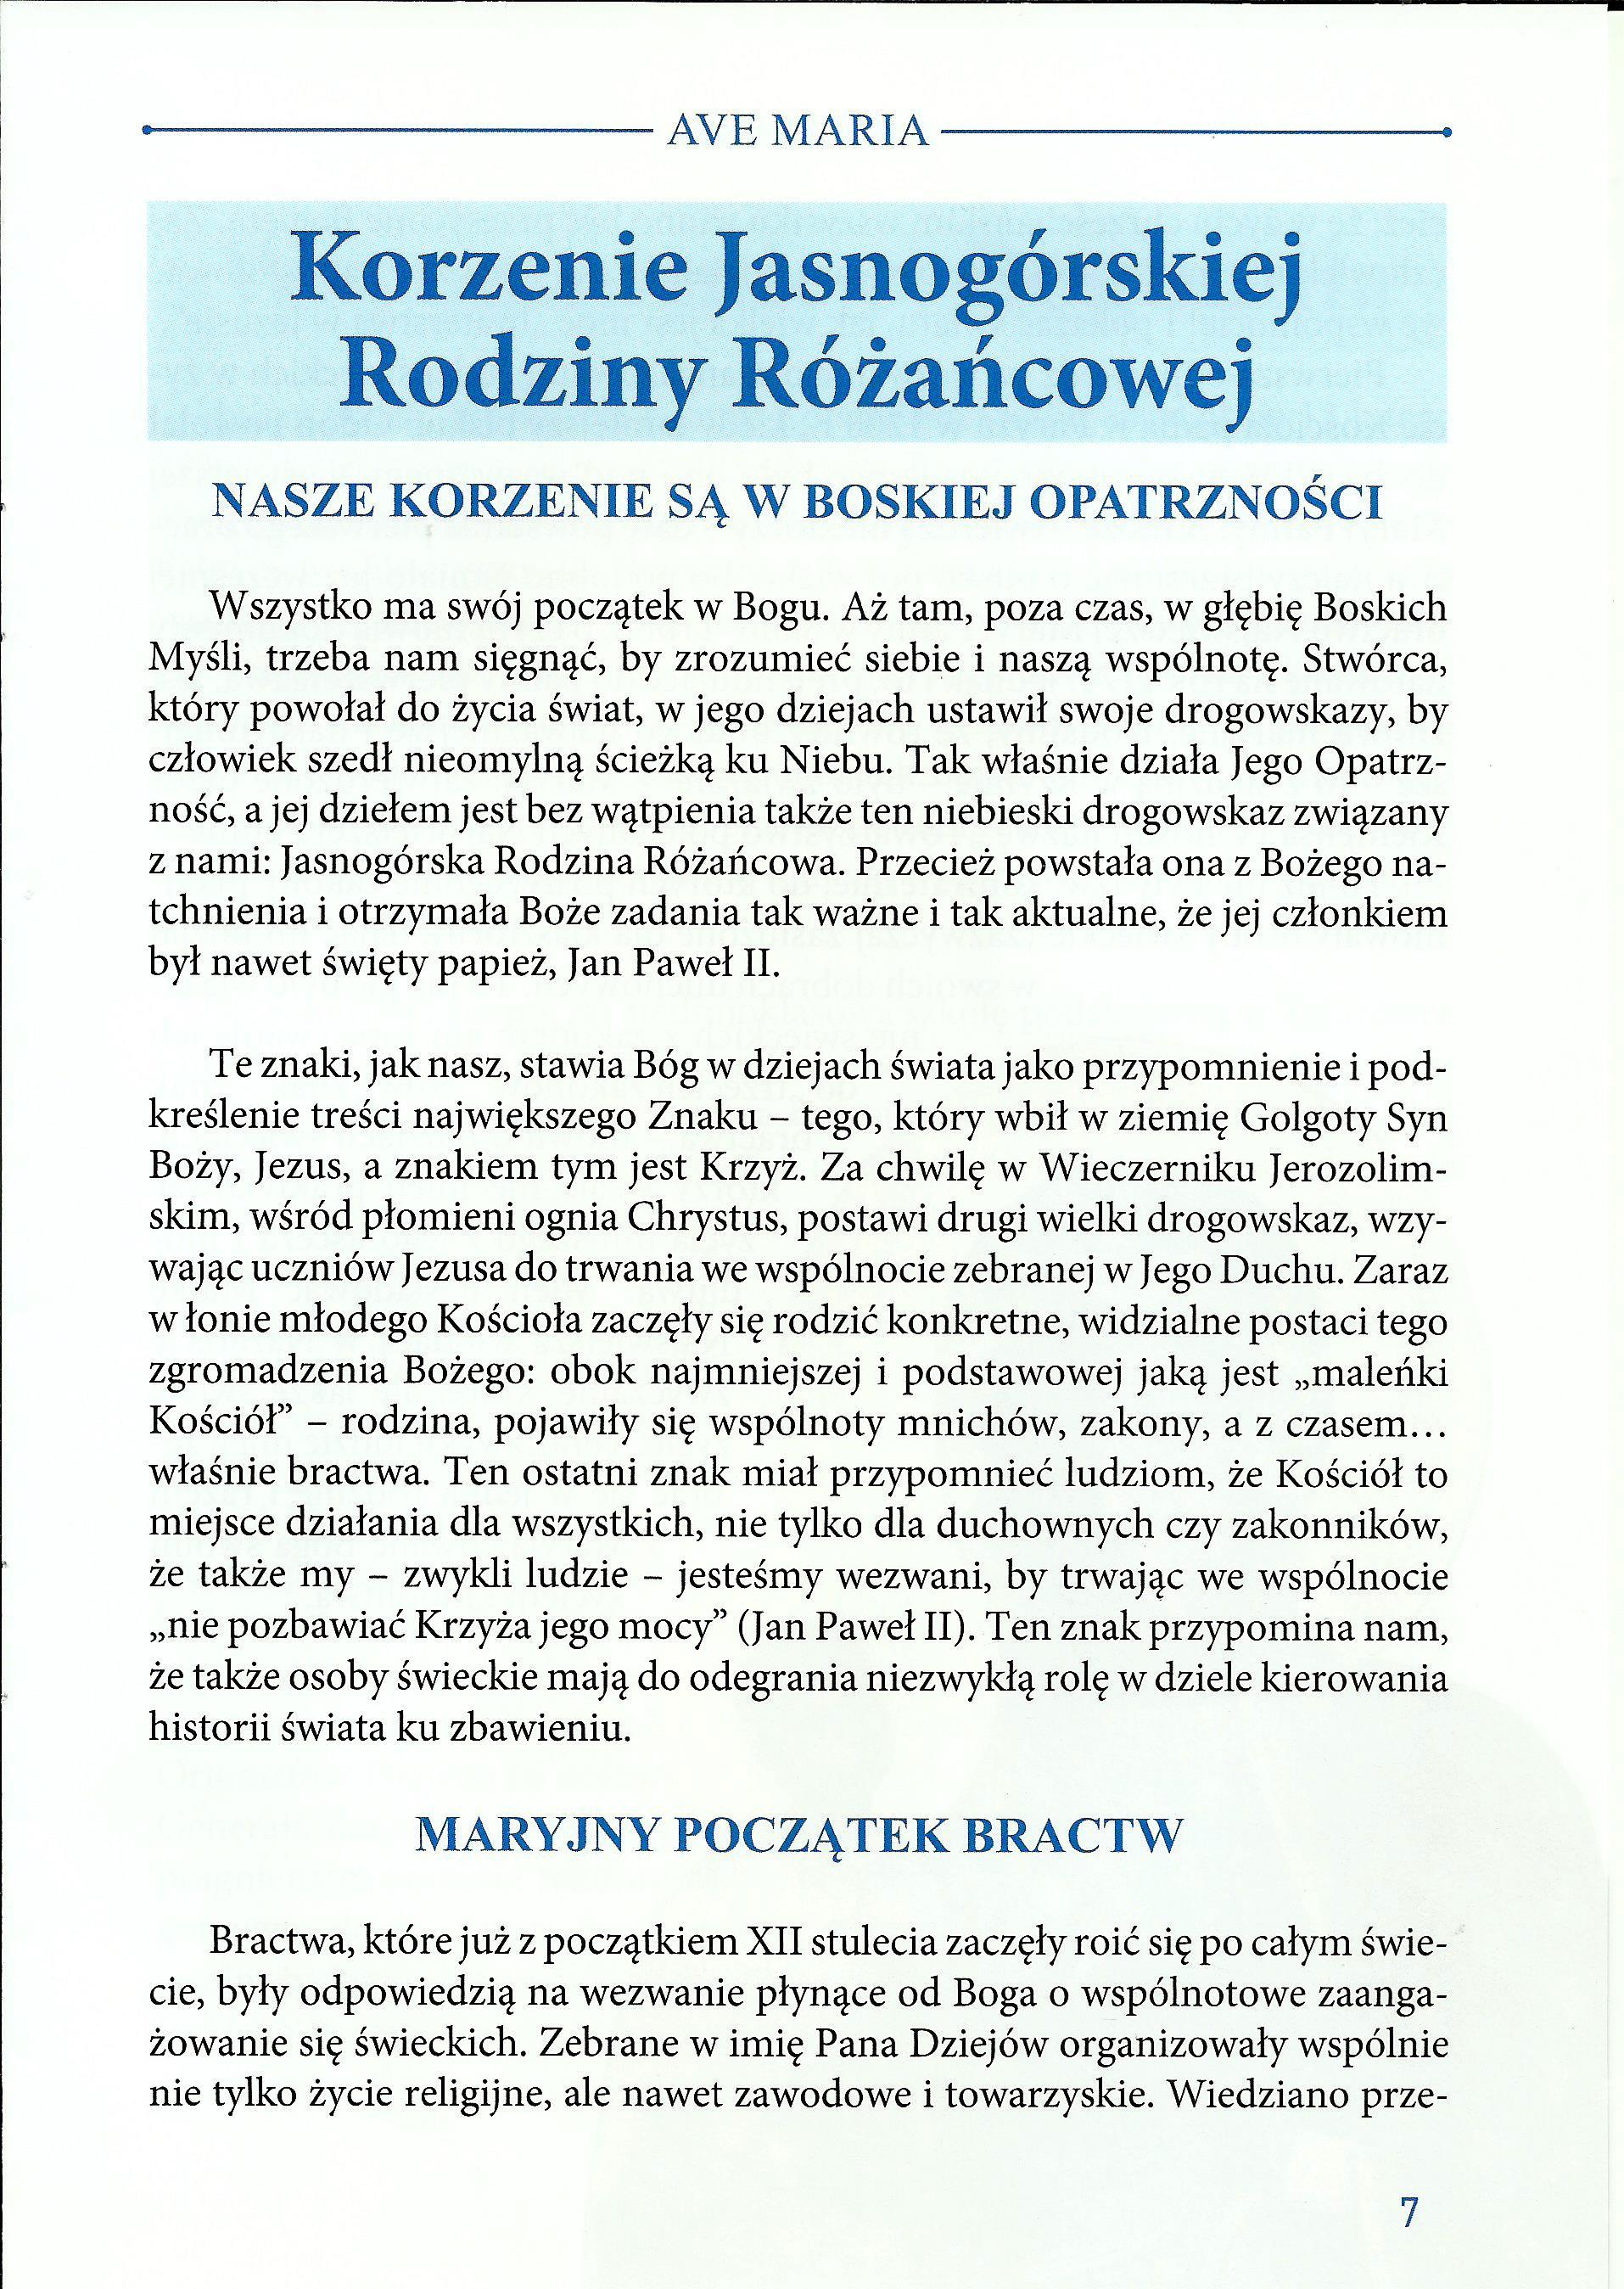 007-korzenie-jrr-7